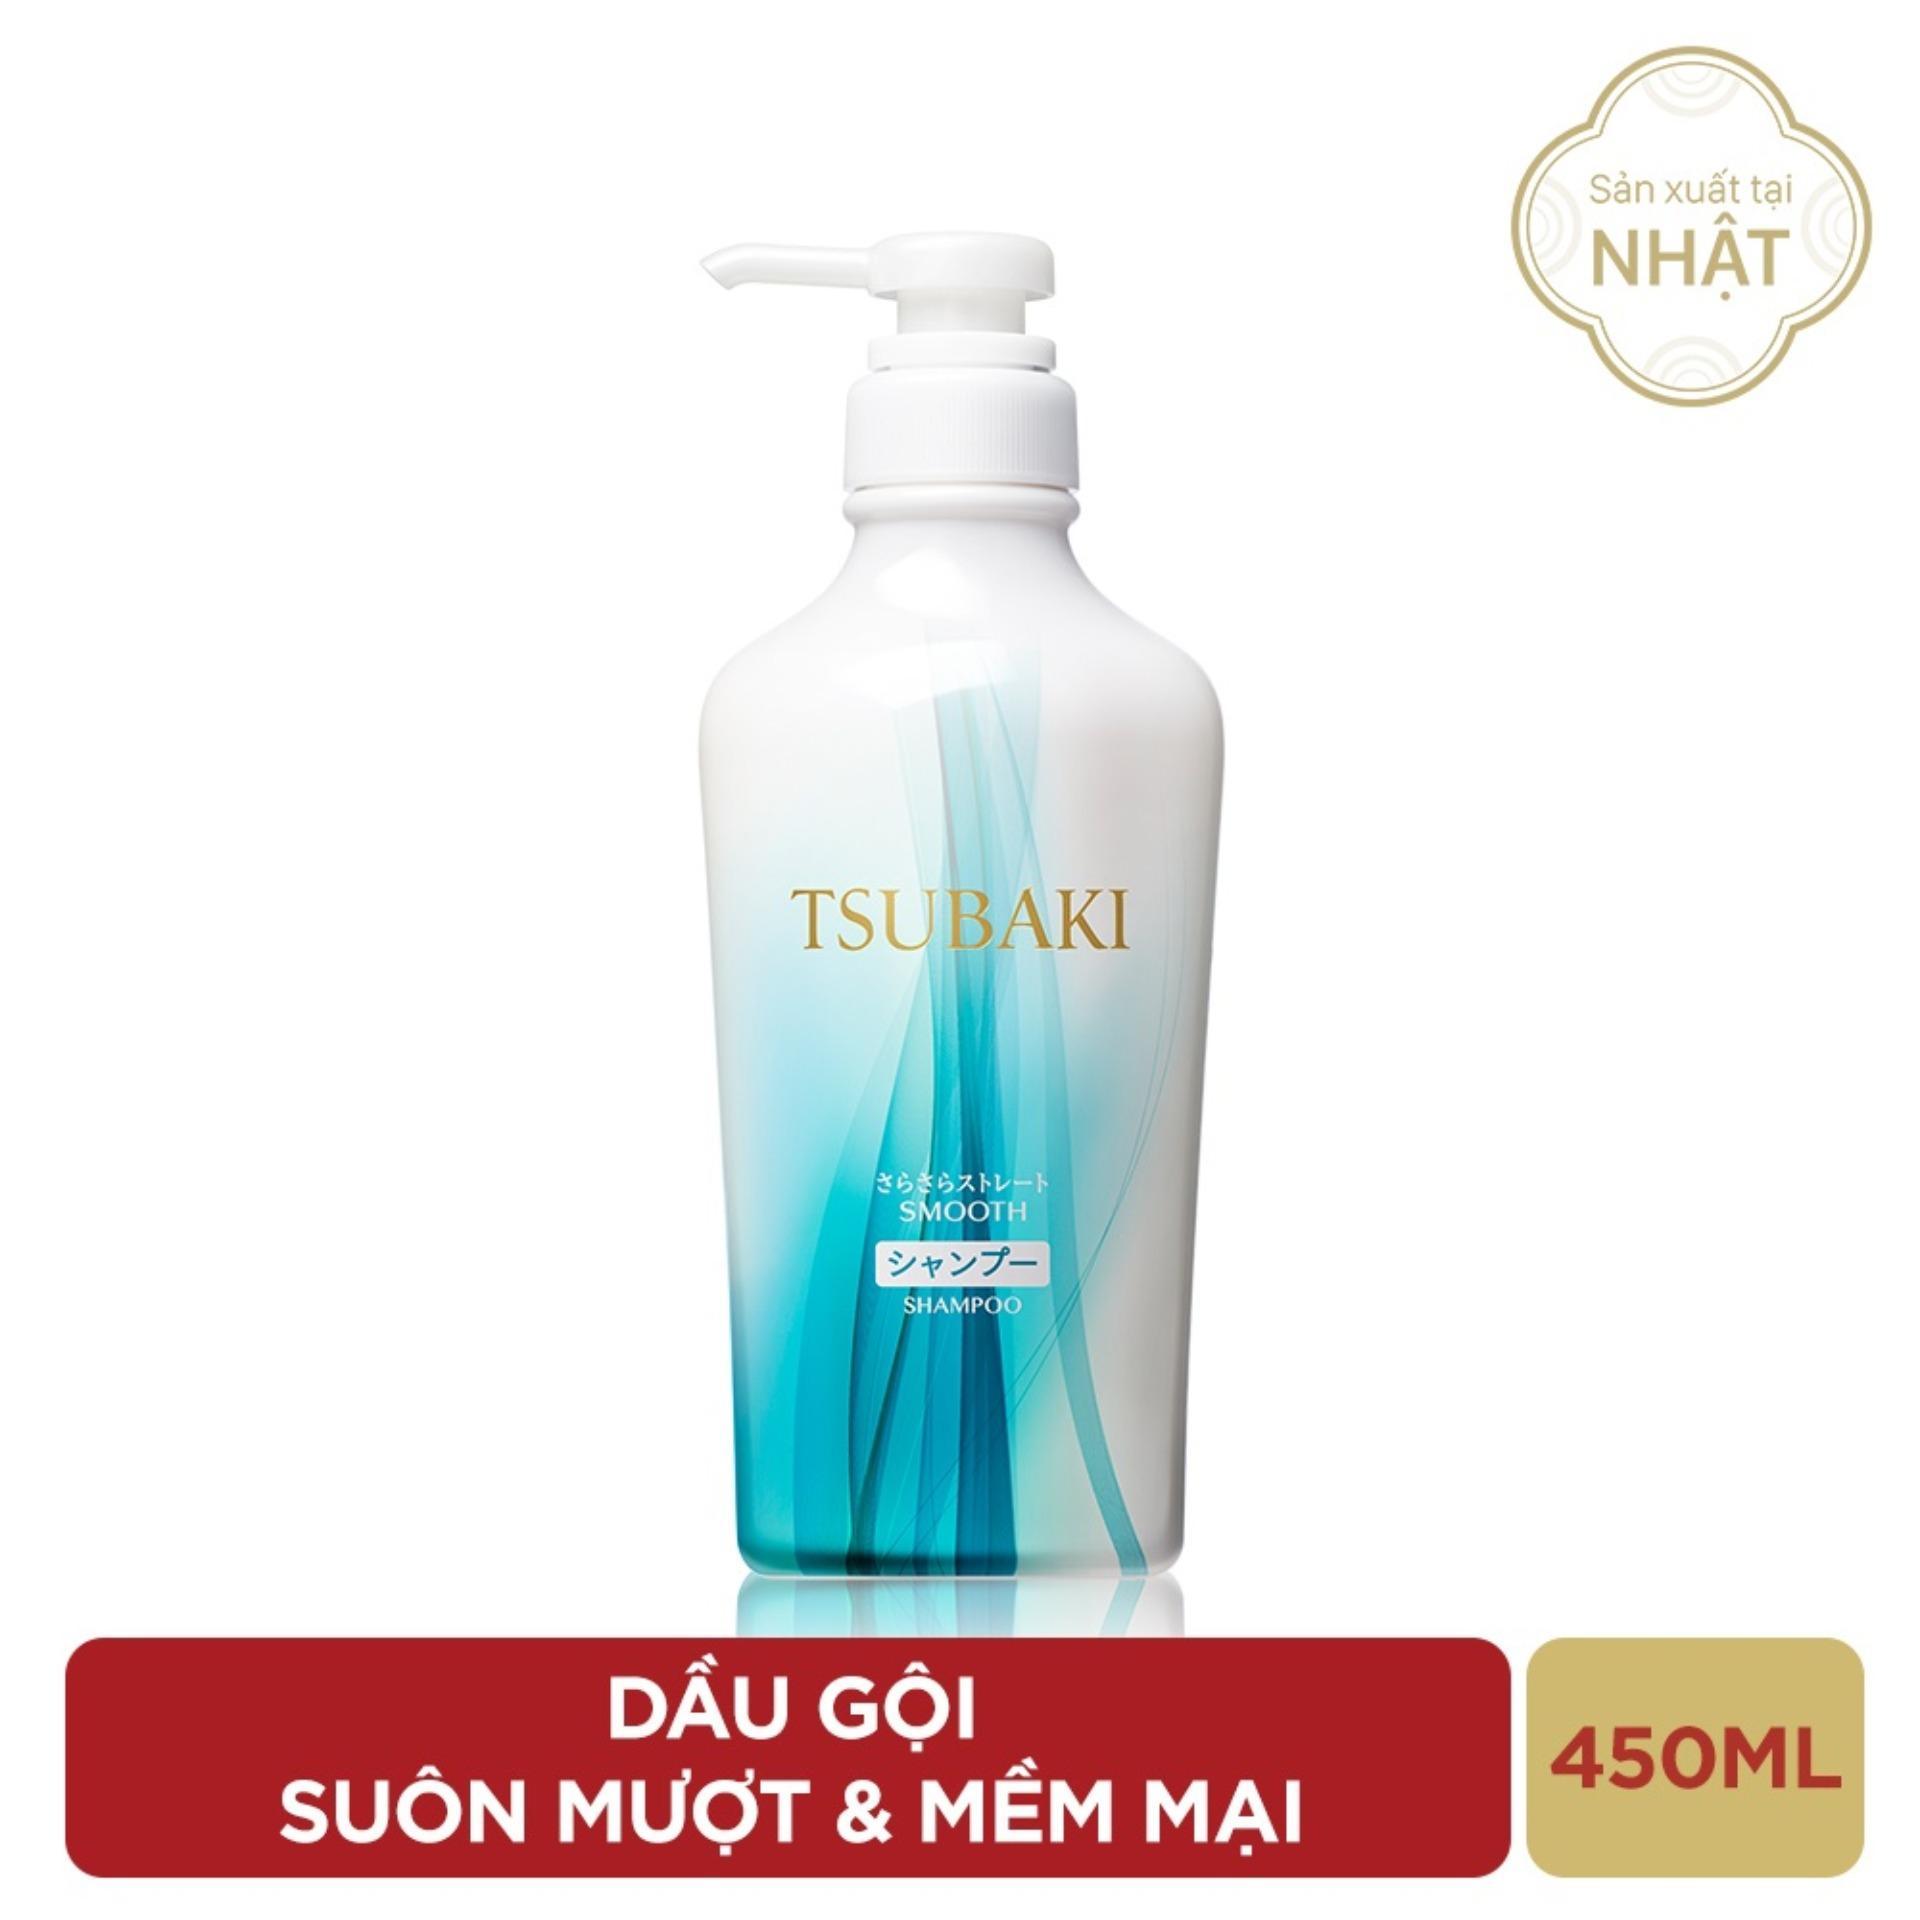 Dầu gội suôn mượt mềm mại Tsubaki Smooth Shampoo 450ml